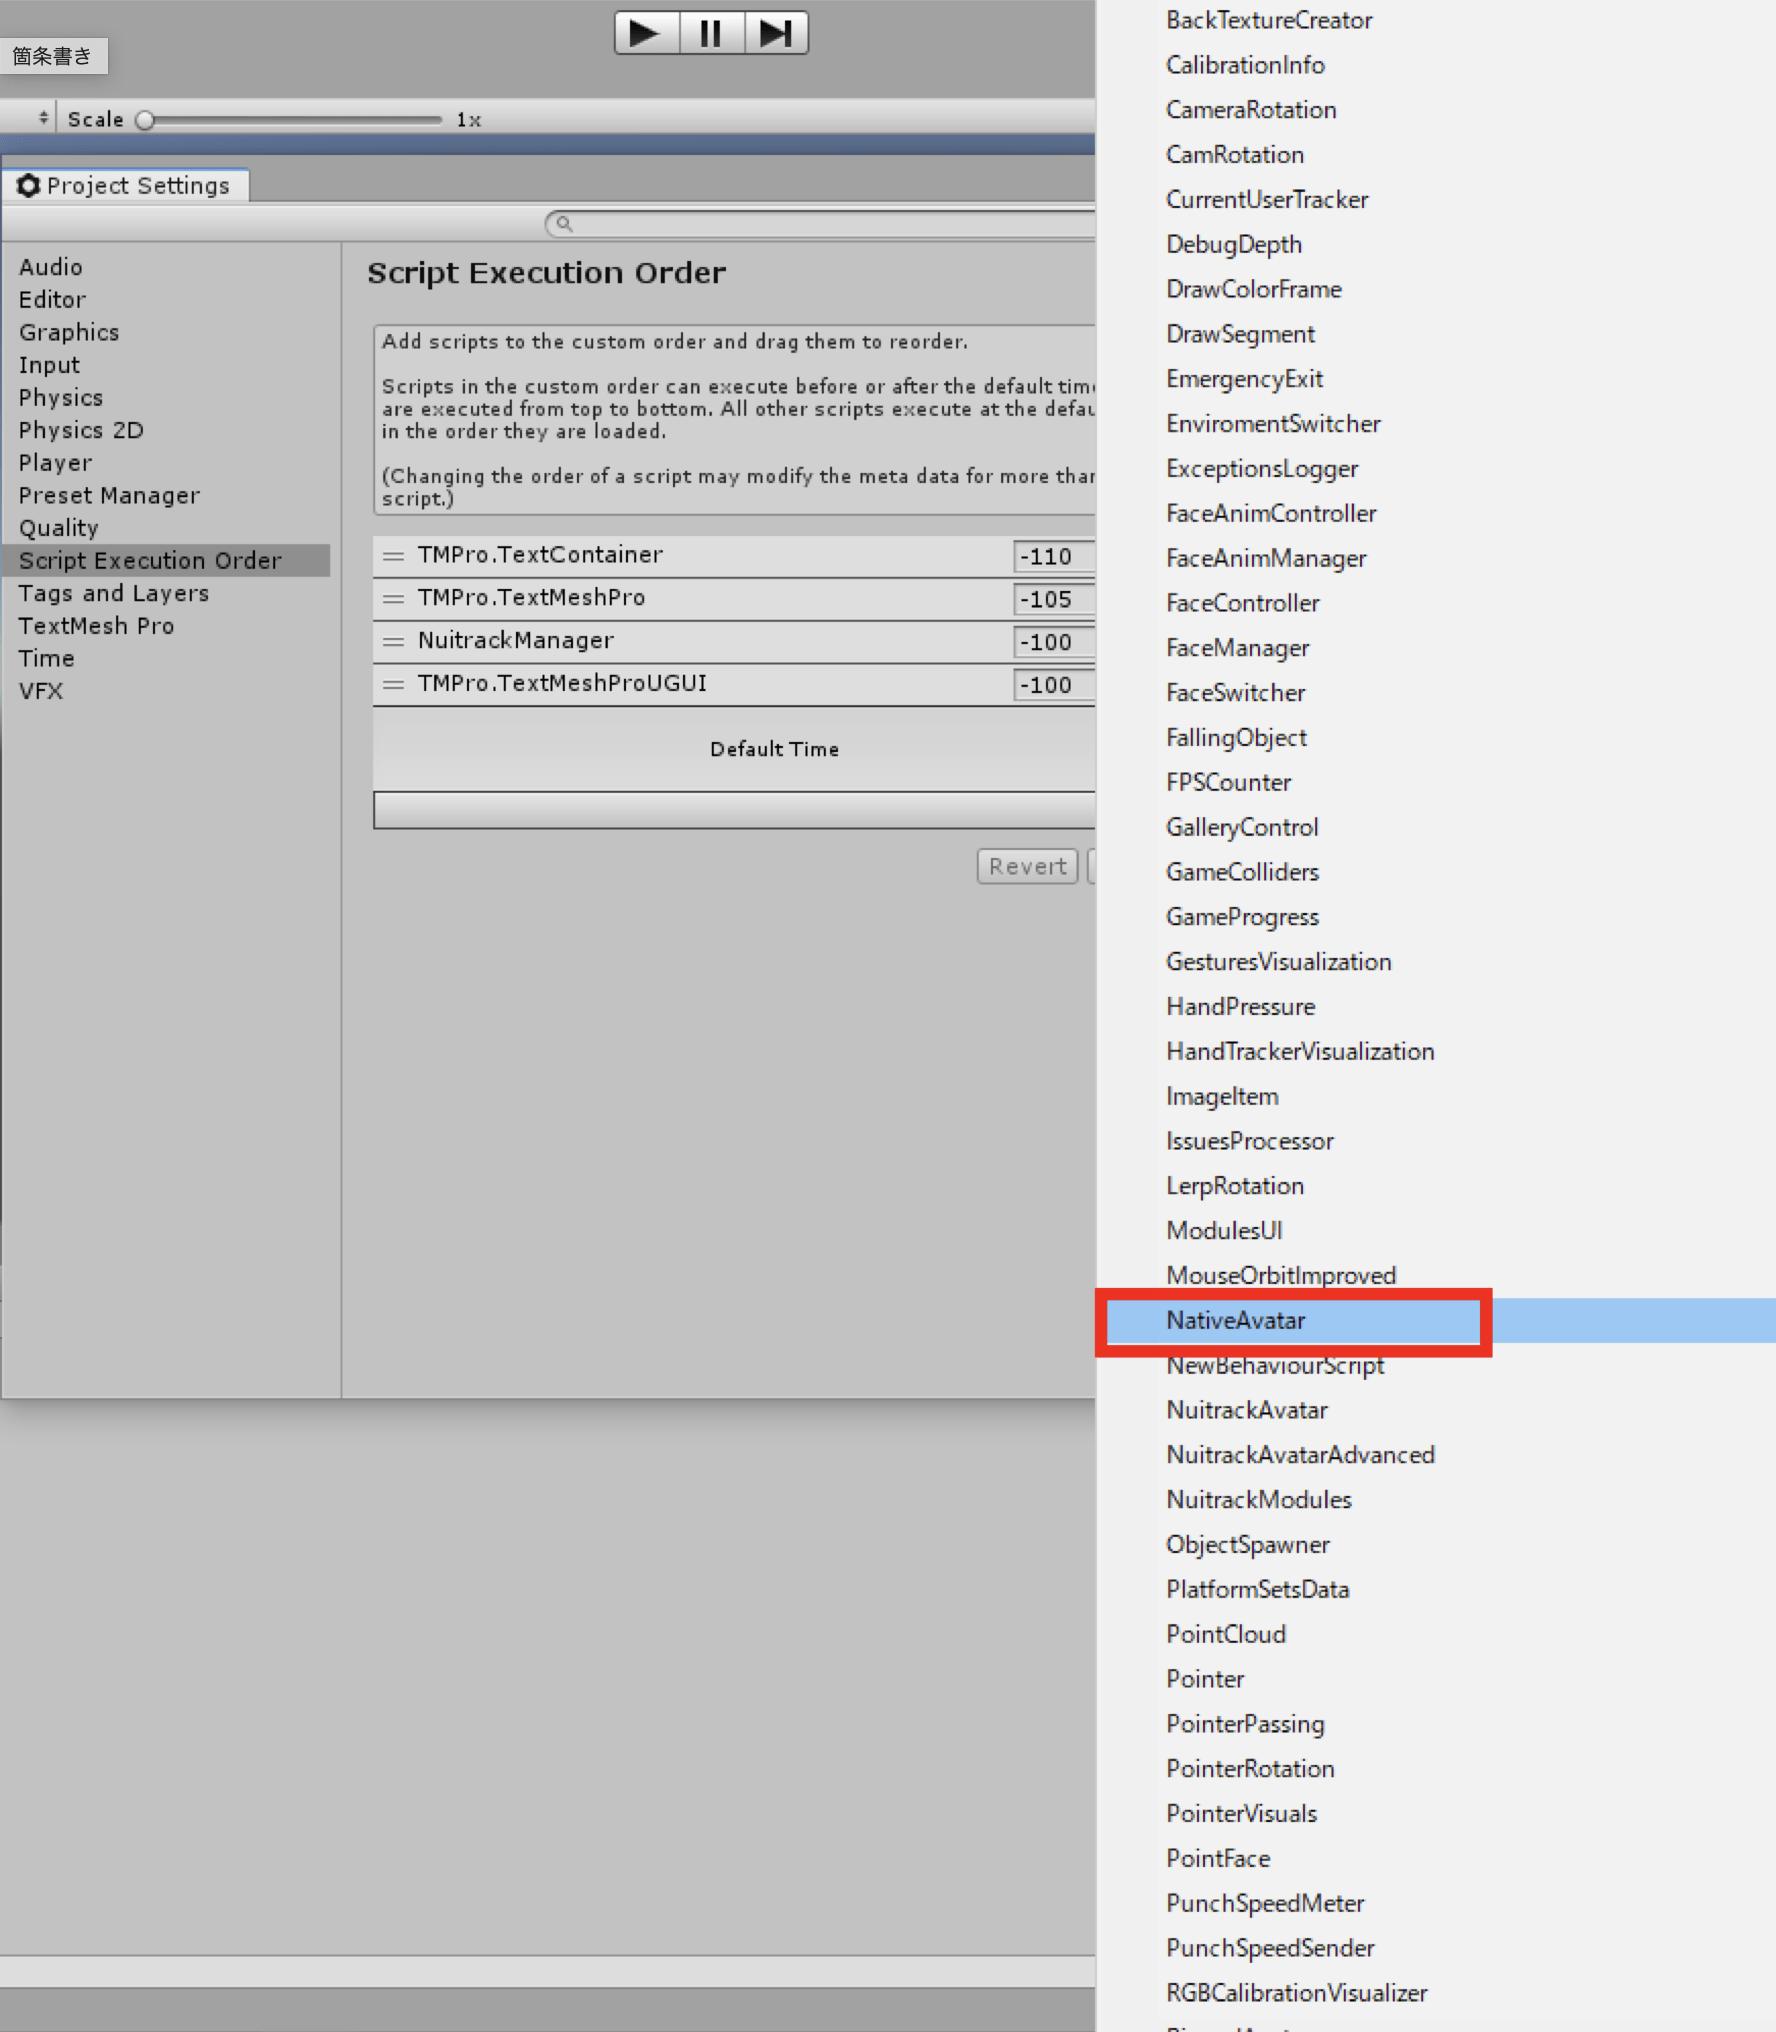 リストの中から「NativeAvator」と「NewBehaviourScript」←(先ほど命名した名前)を選択